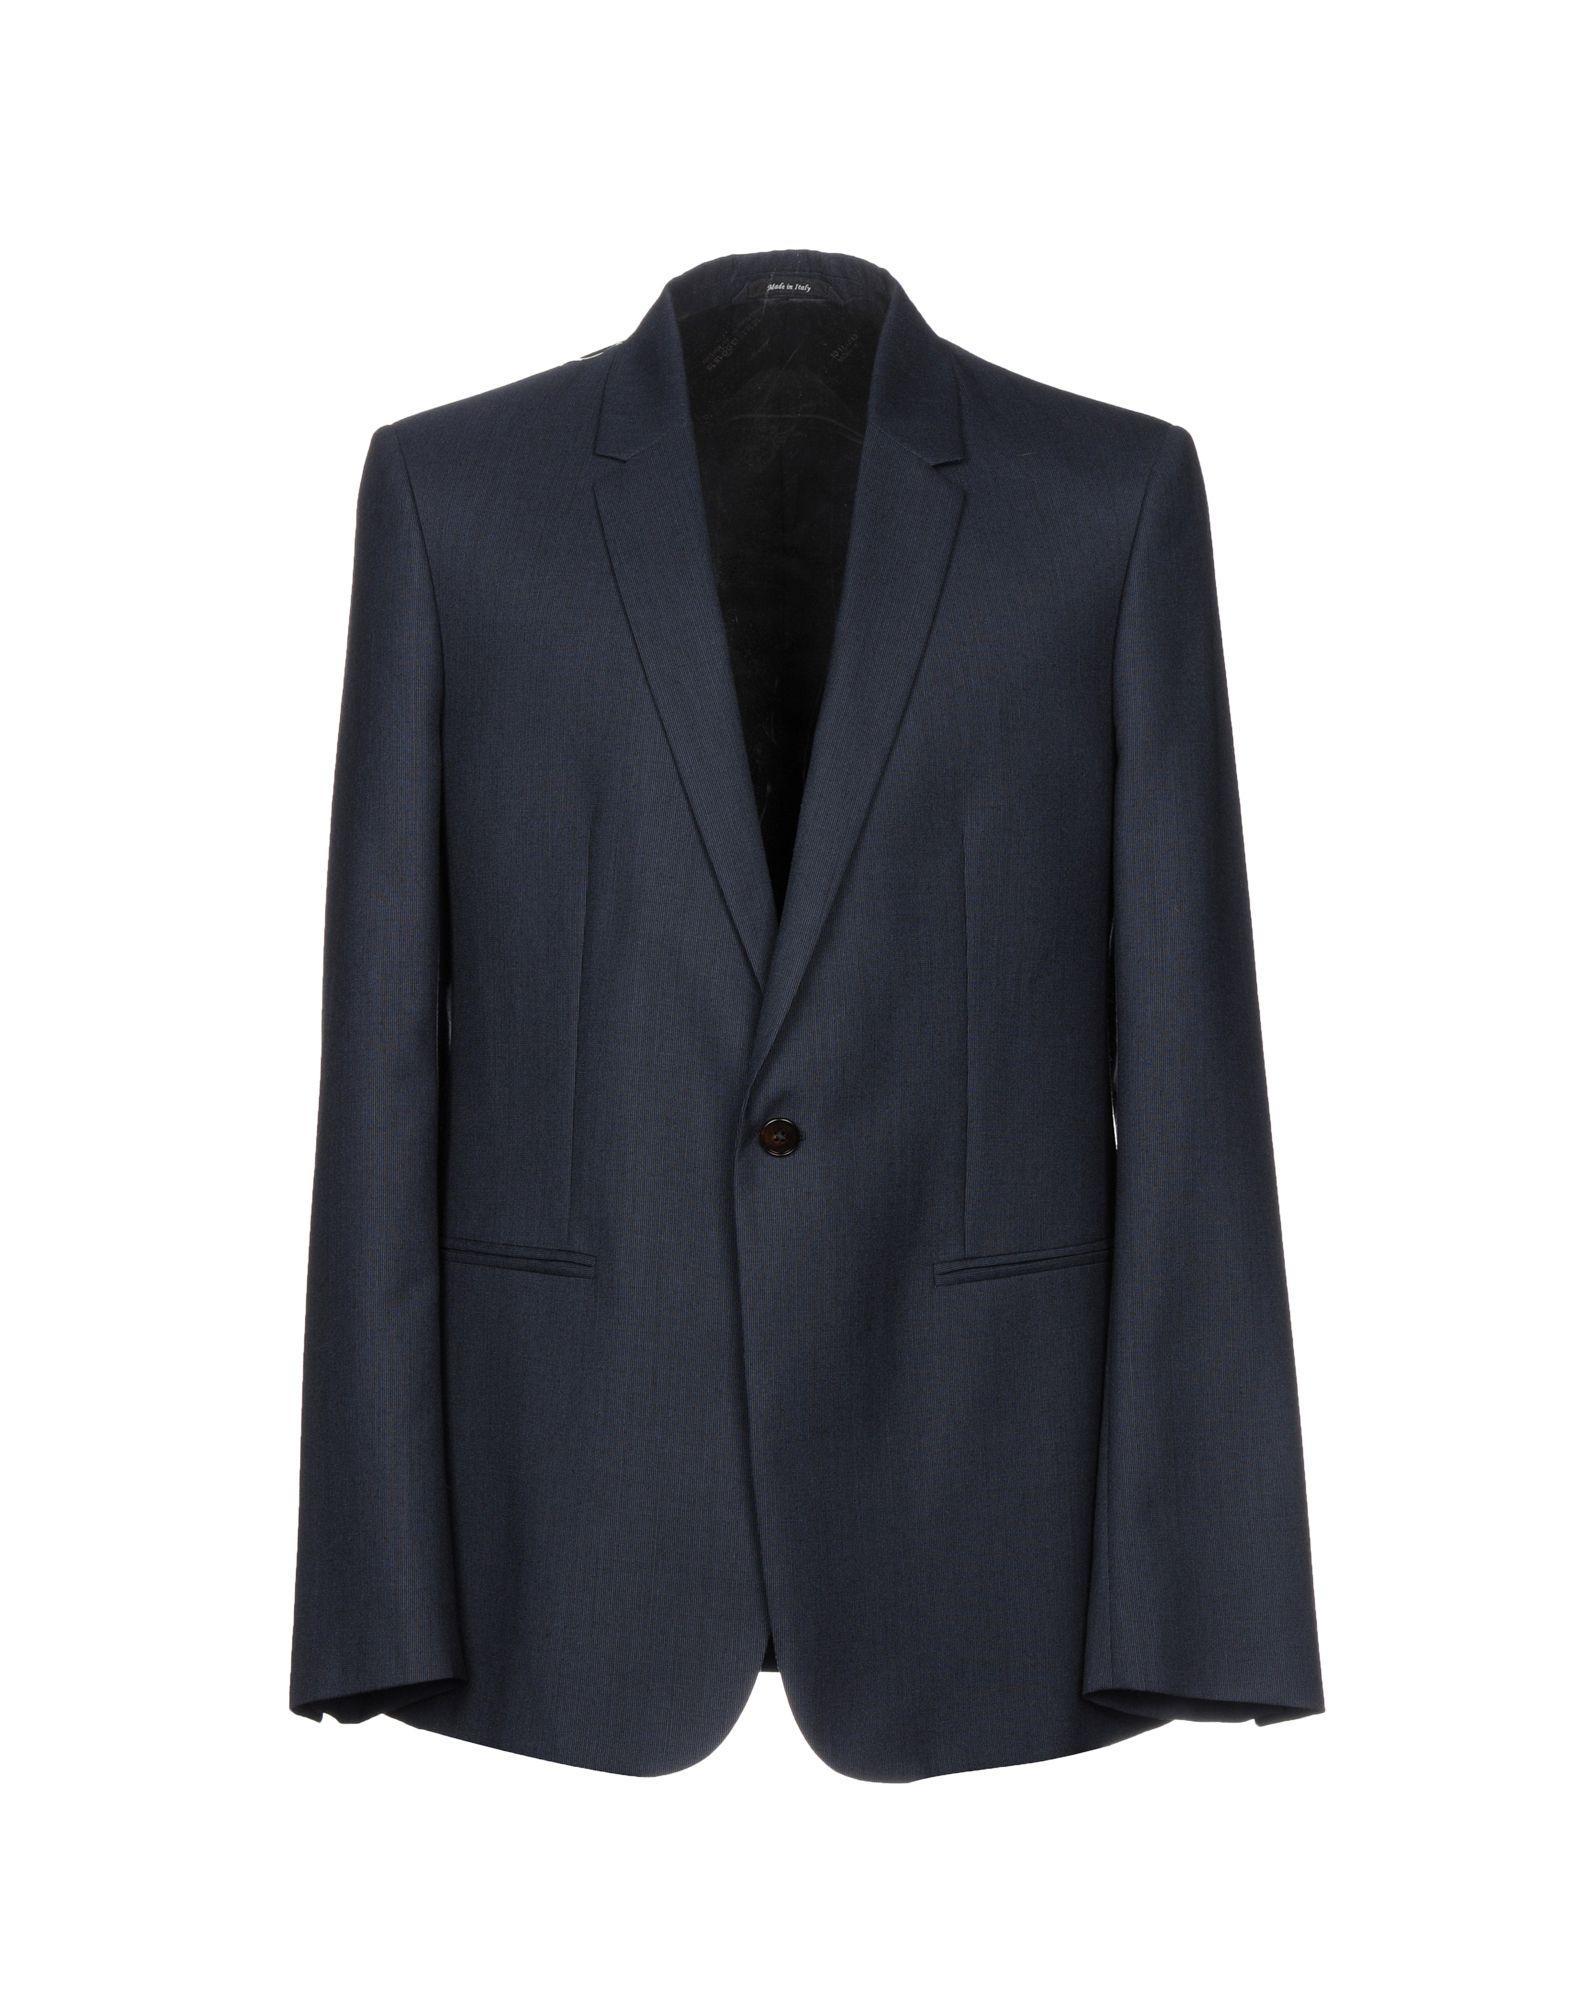 Maison Margiela Blazers In Dark Blue